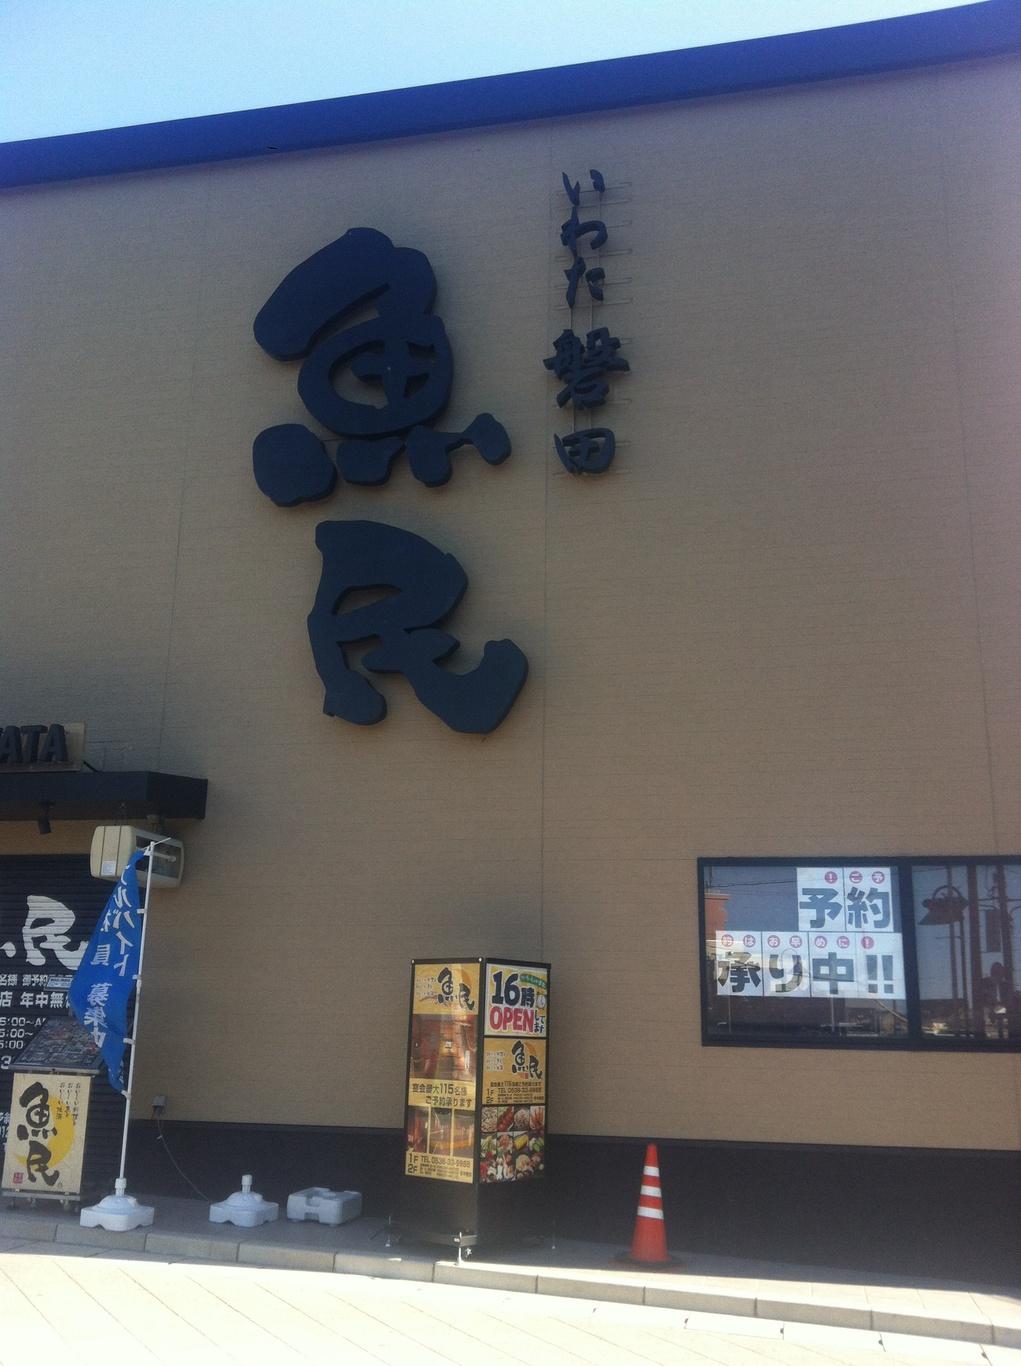 魚民 磐田北口駅前店 name=